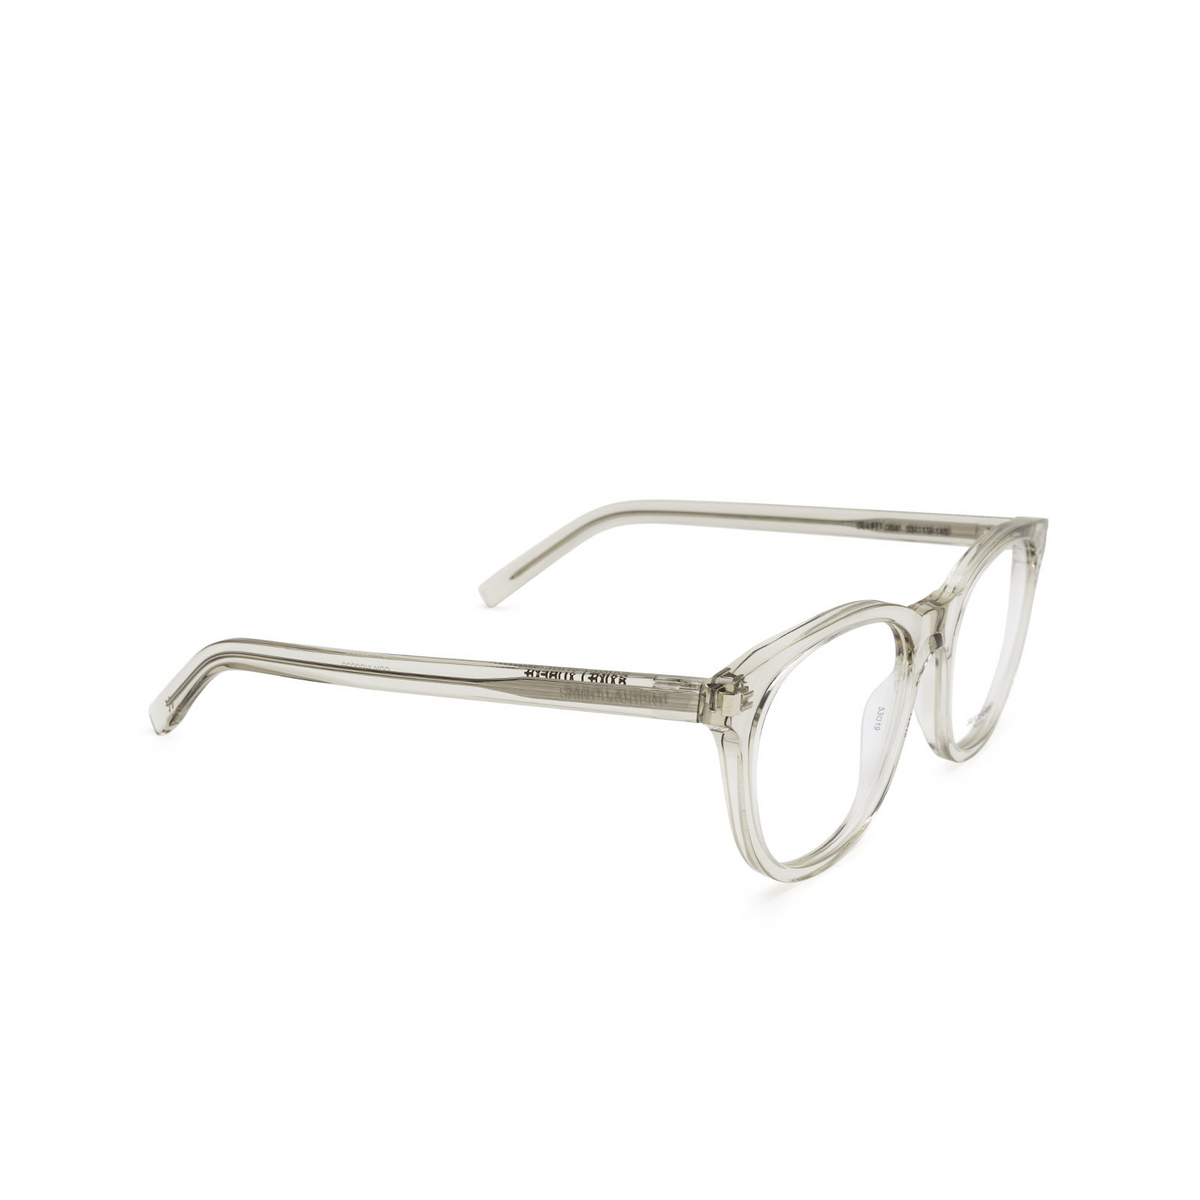 Saint Laurent® Square Eyeglasses: SL 471 color Beige 004 - three-quarters view.